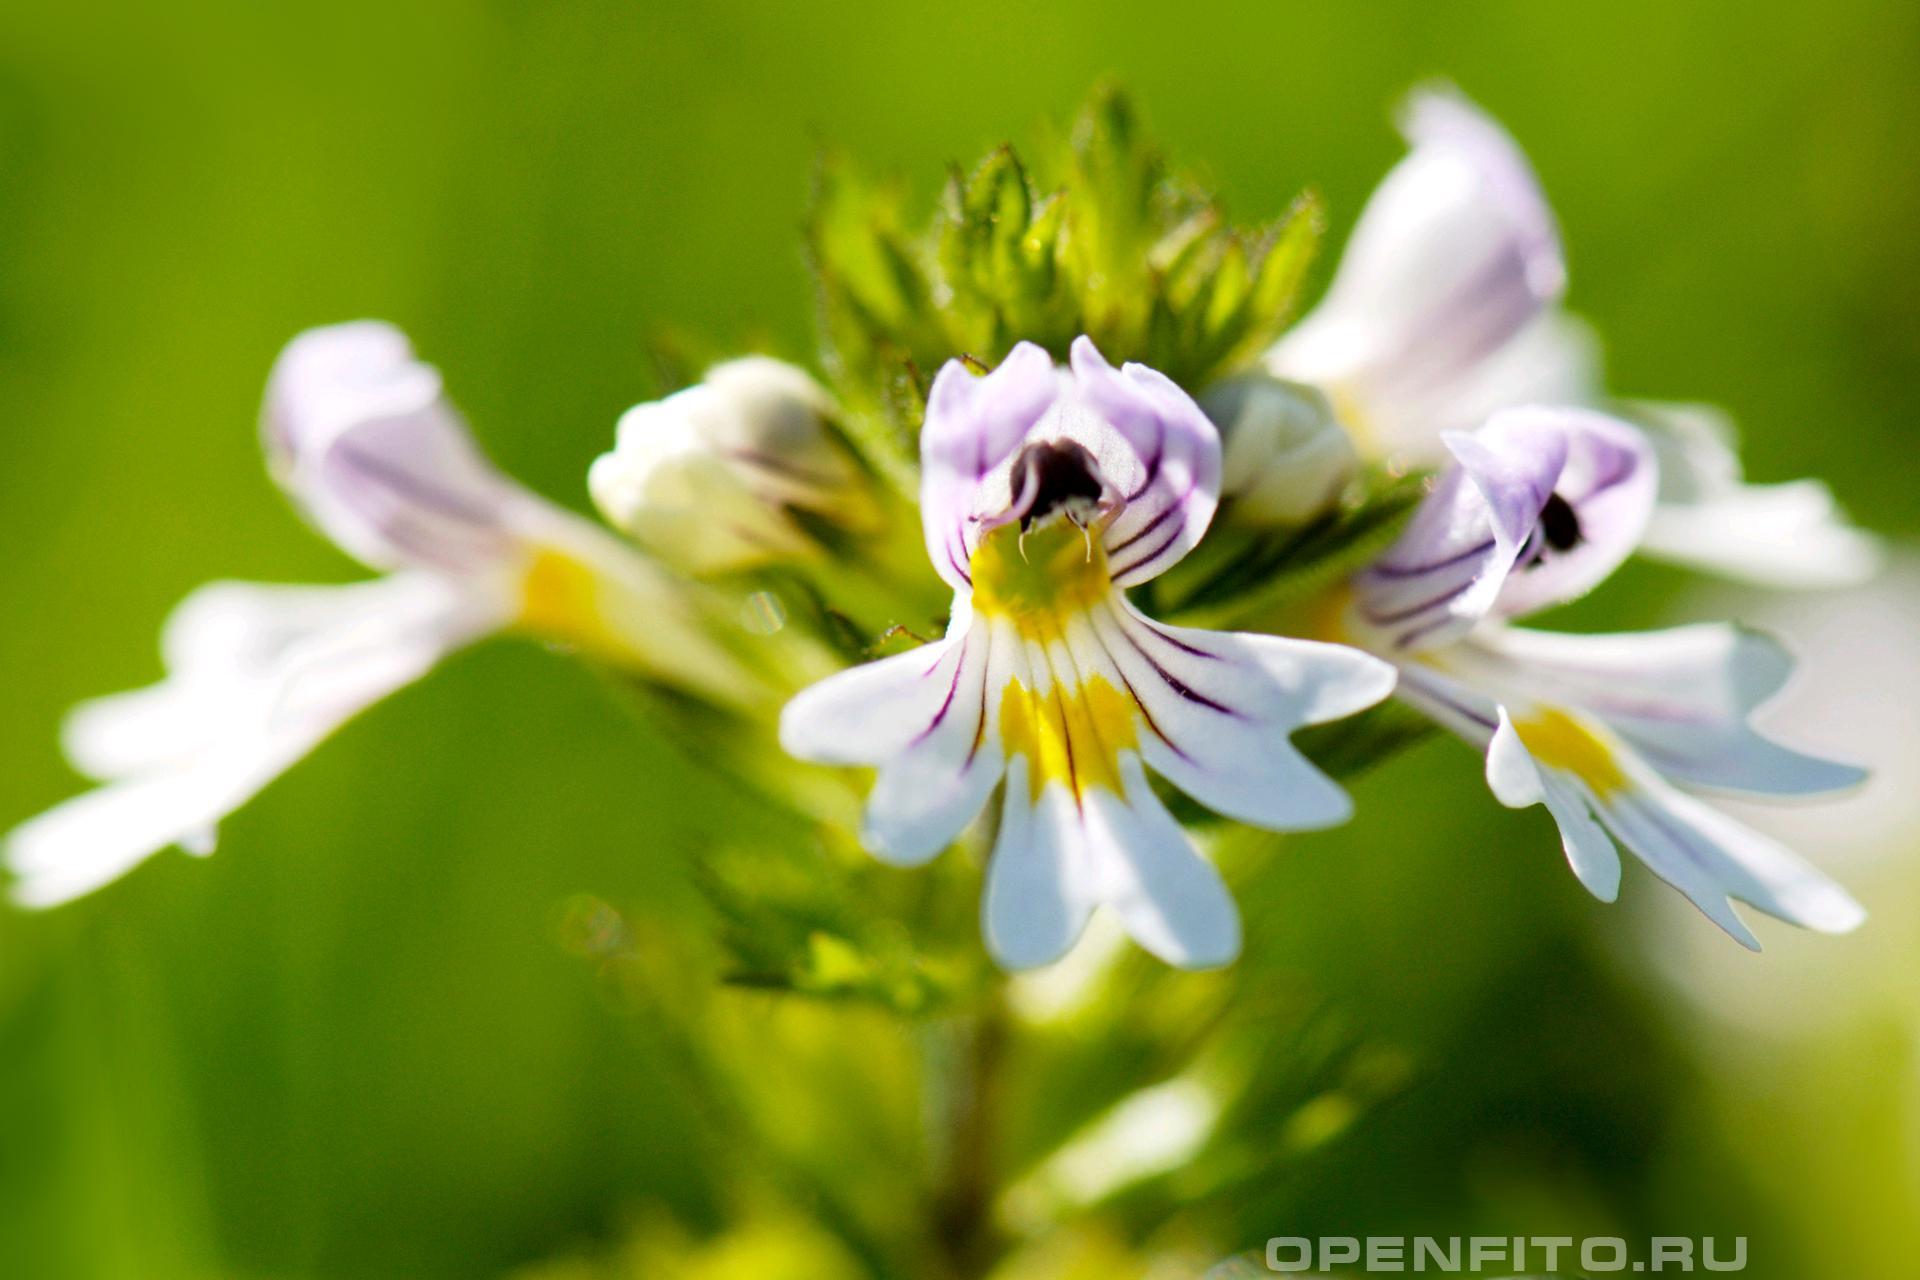 Очанка лекарственная и чайная трава